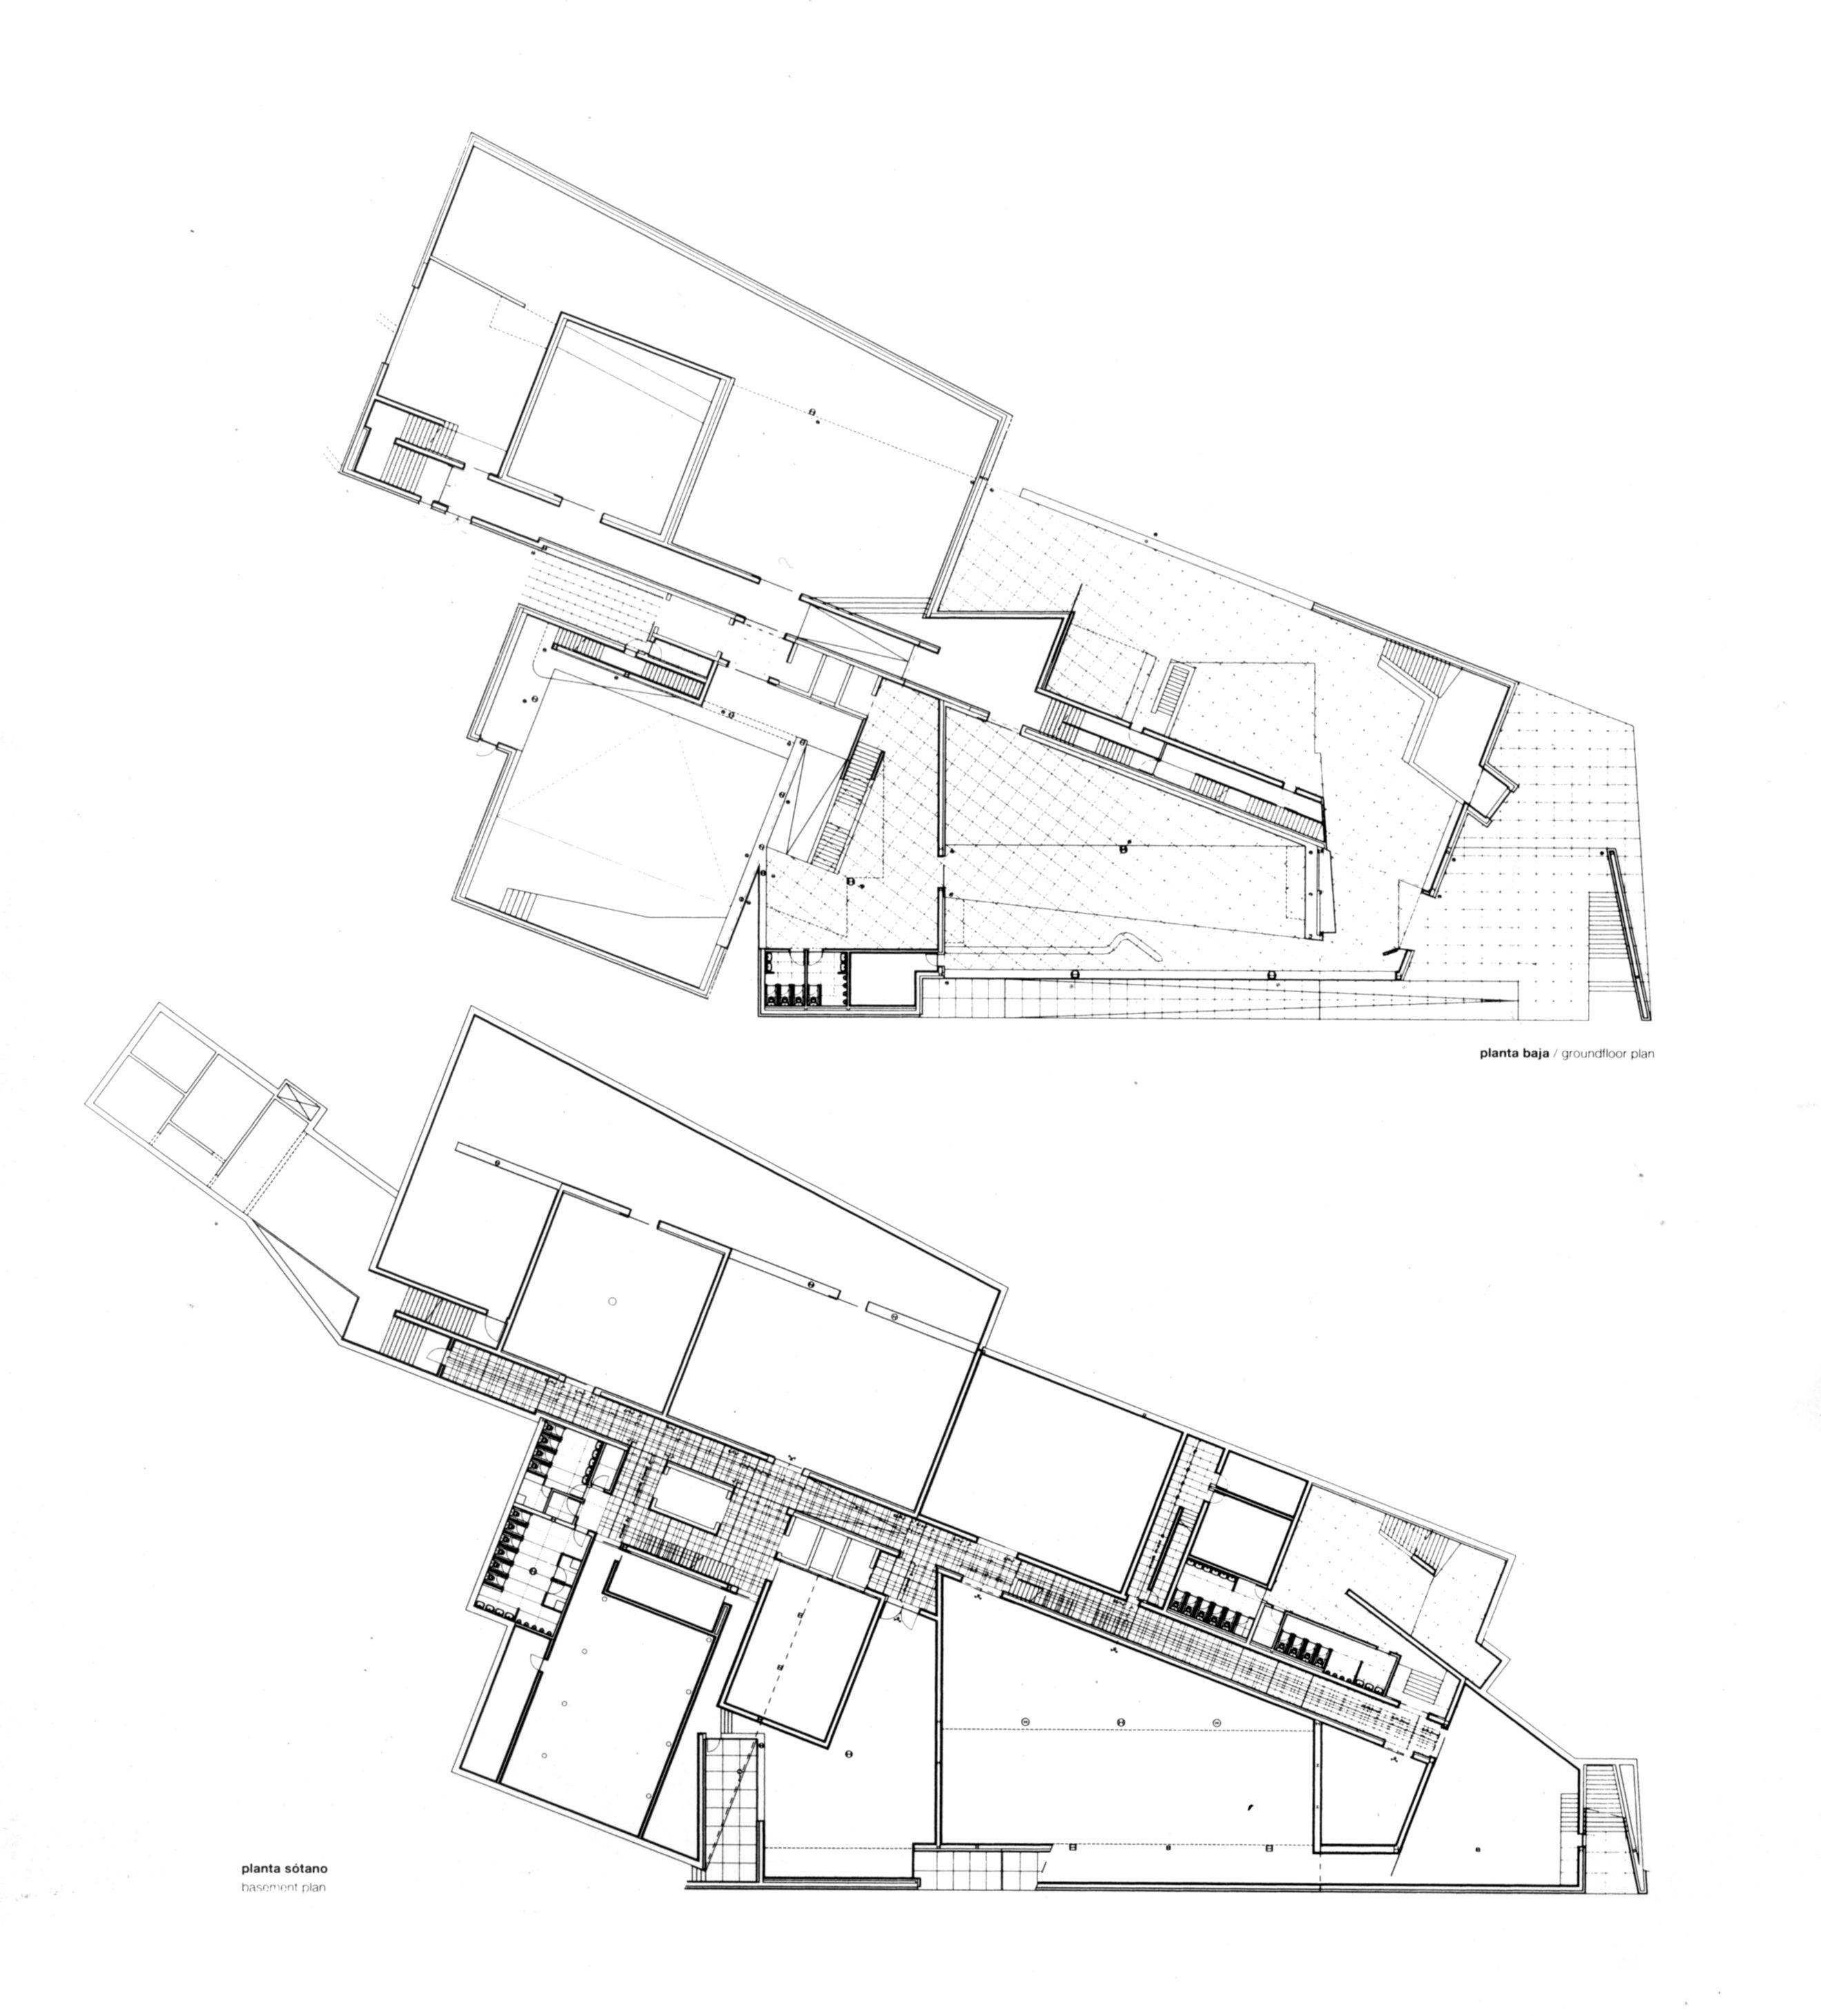 alvaro siza / centro galego de arte contemporânea  Plan ...